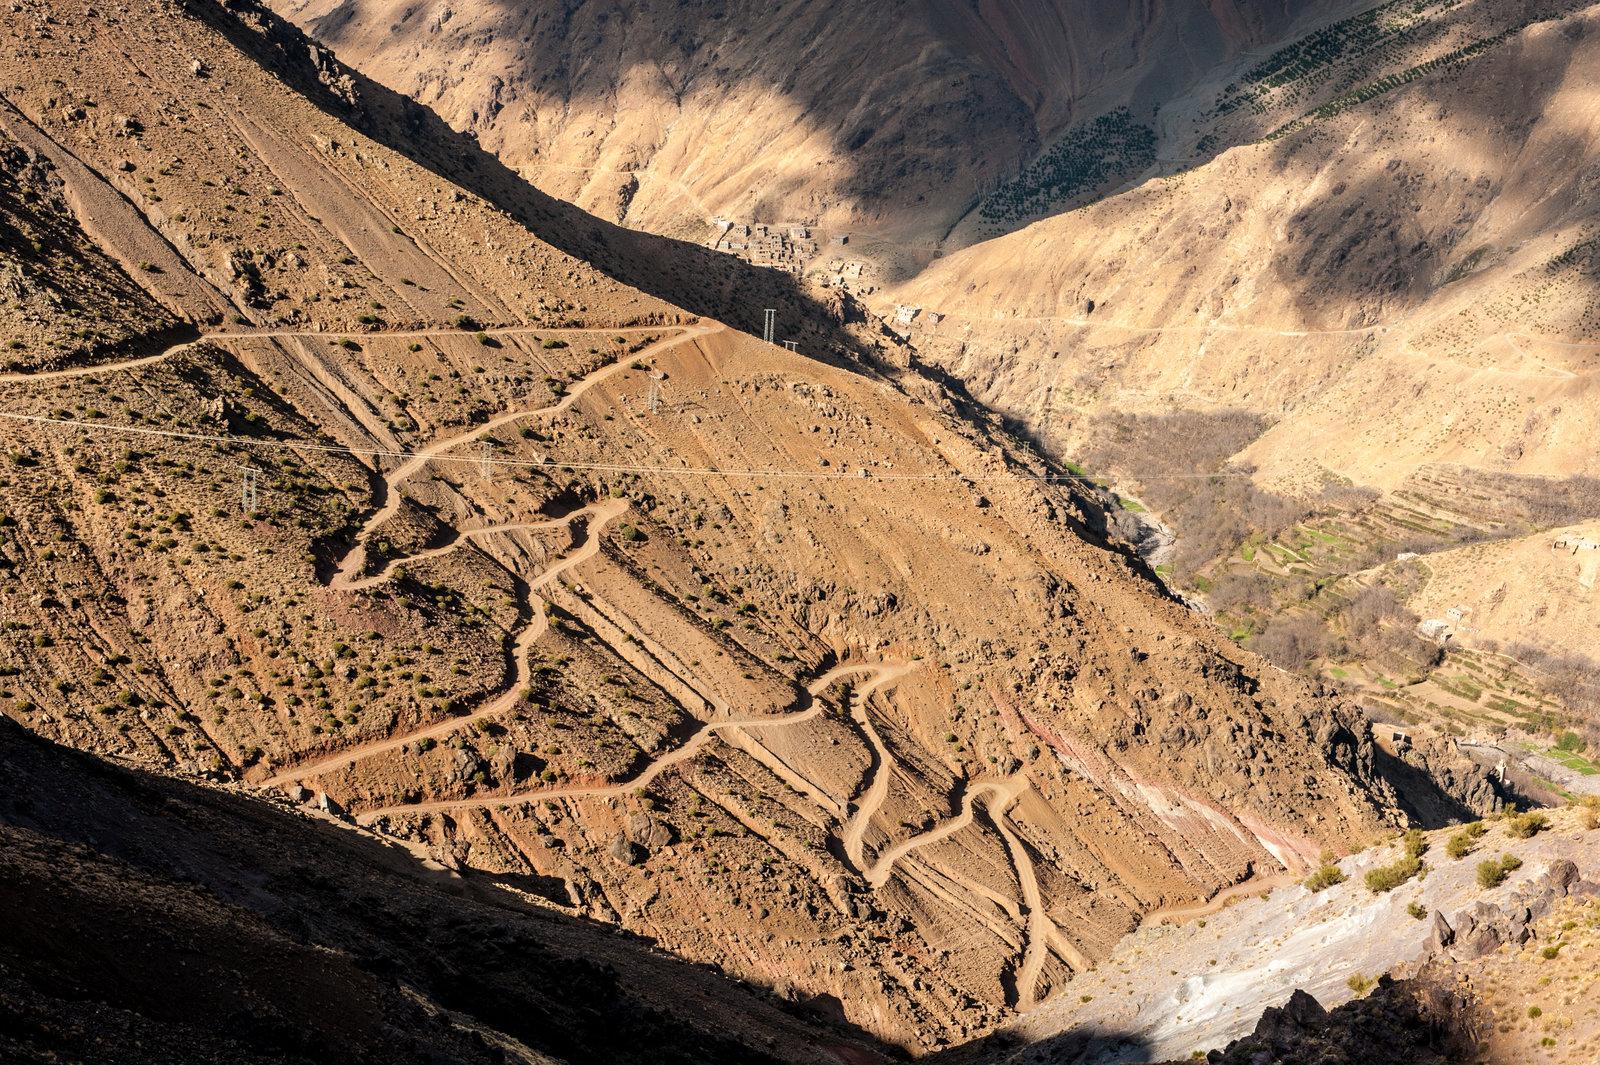 maroko-antyatlas-trekking-marrakesz-5